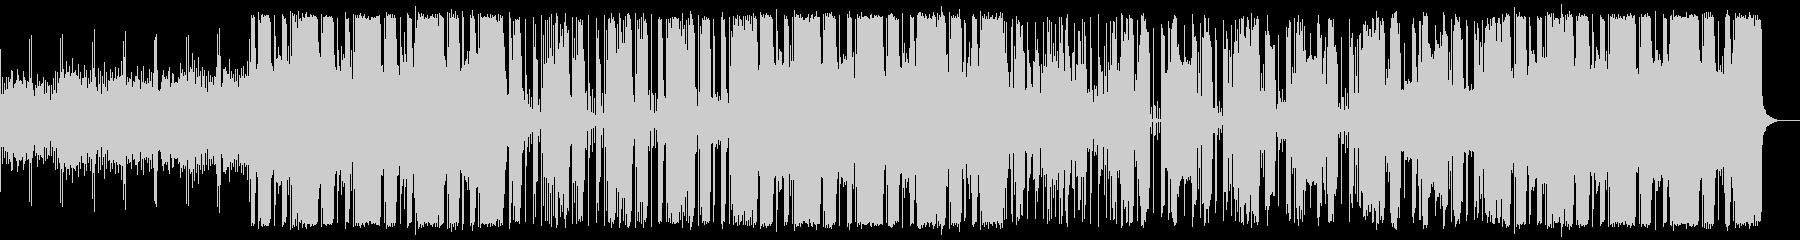 渦巻くピアノ/オーケストラ楽器。緊...の未再生の波形